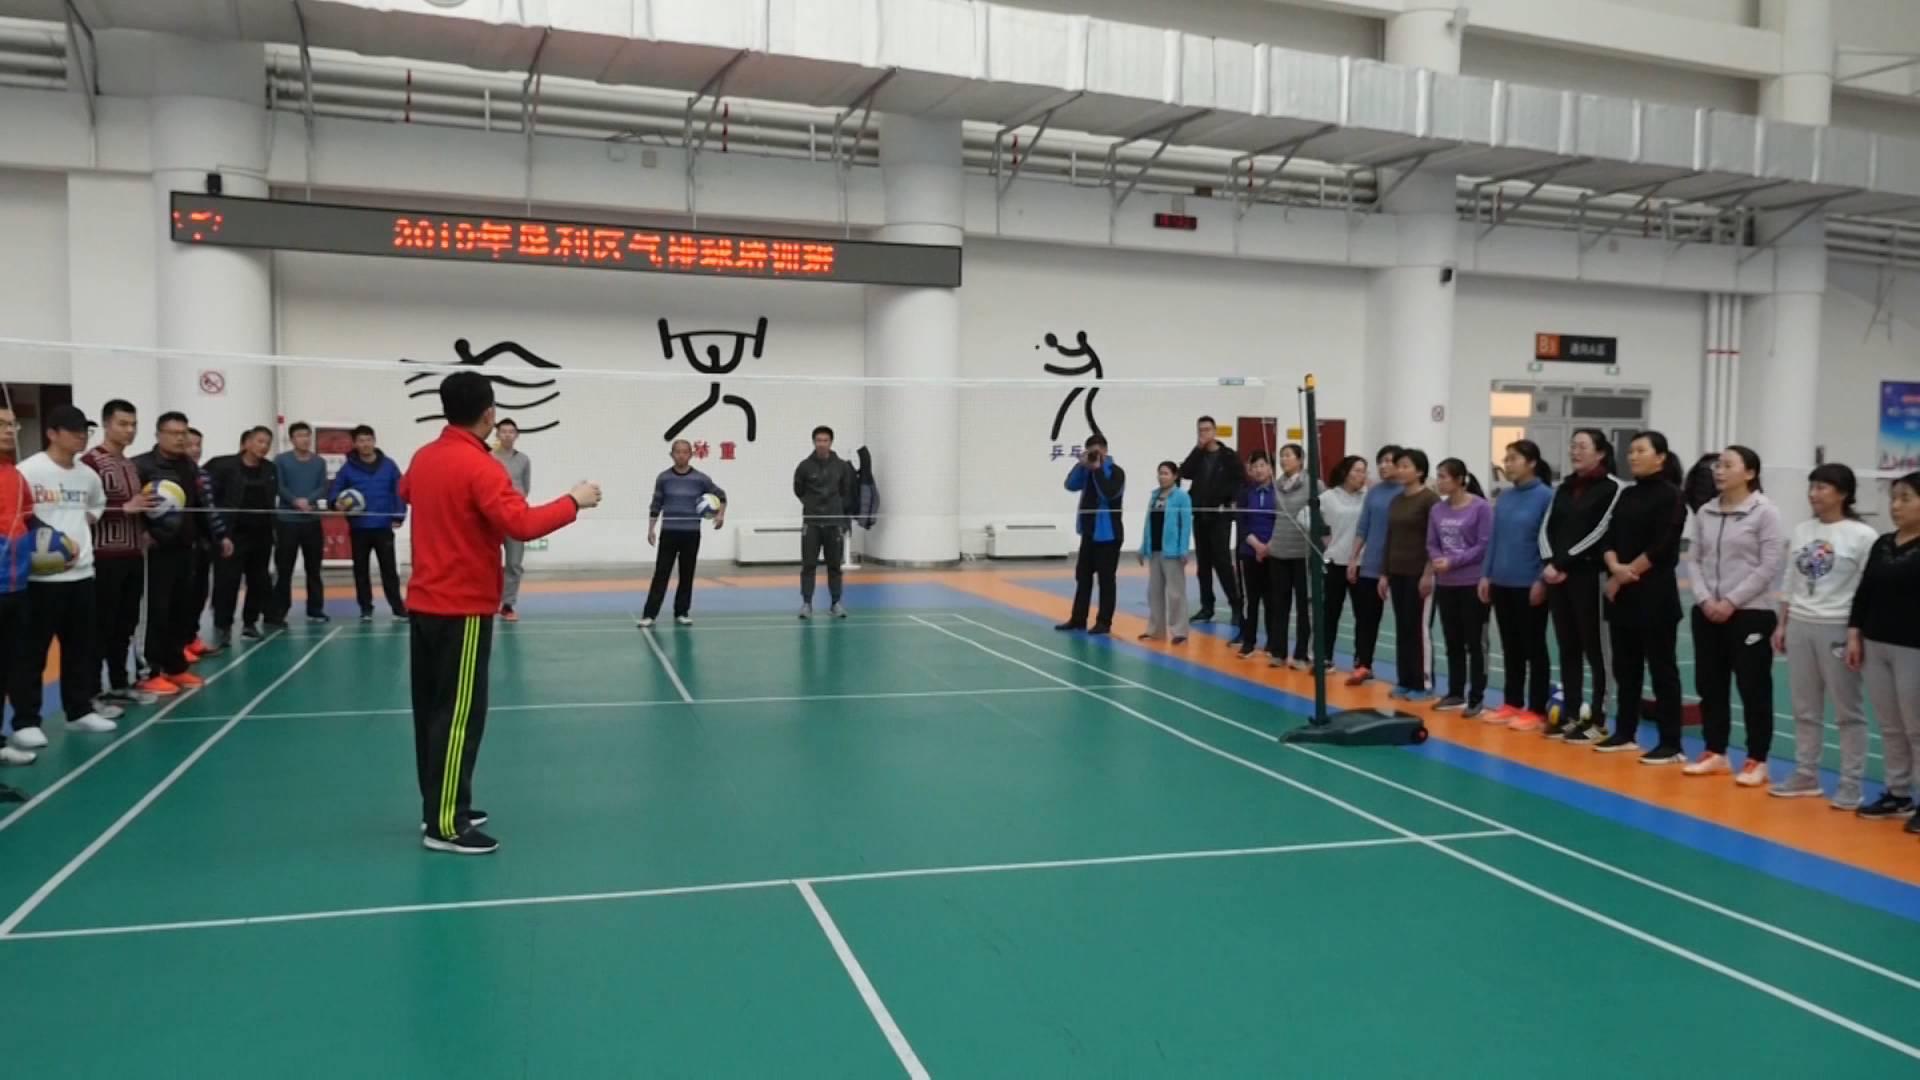 东营垦利区气排球培训班开班